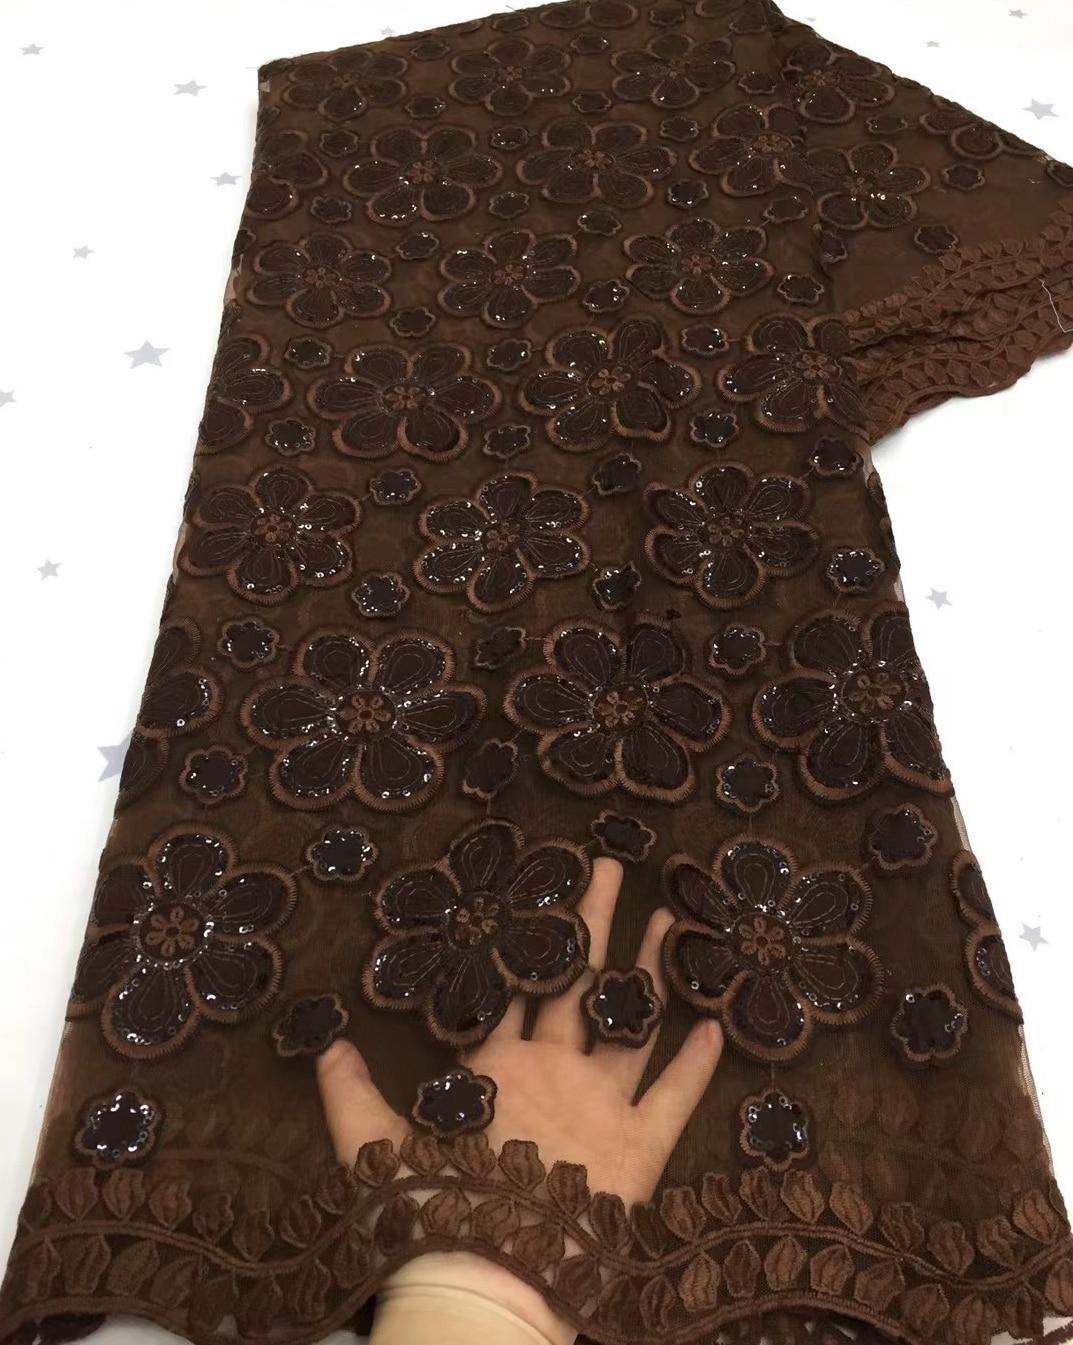 أحدث الأفريقي عالية الجودة لون القهوة الدانتيل جبر الحبل نسيج الدانتيل أفريقي الدانتيل للحزب فستان شعبي دبي نمط TS9385